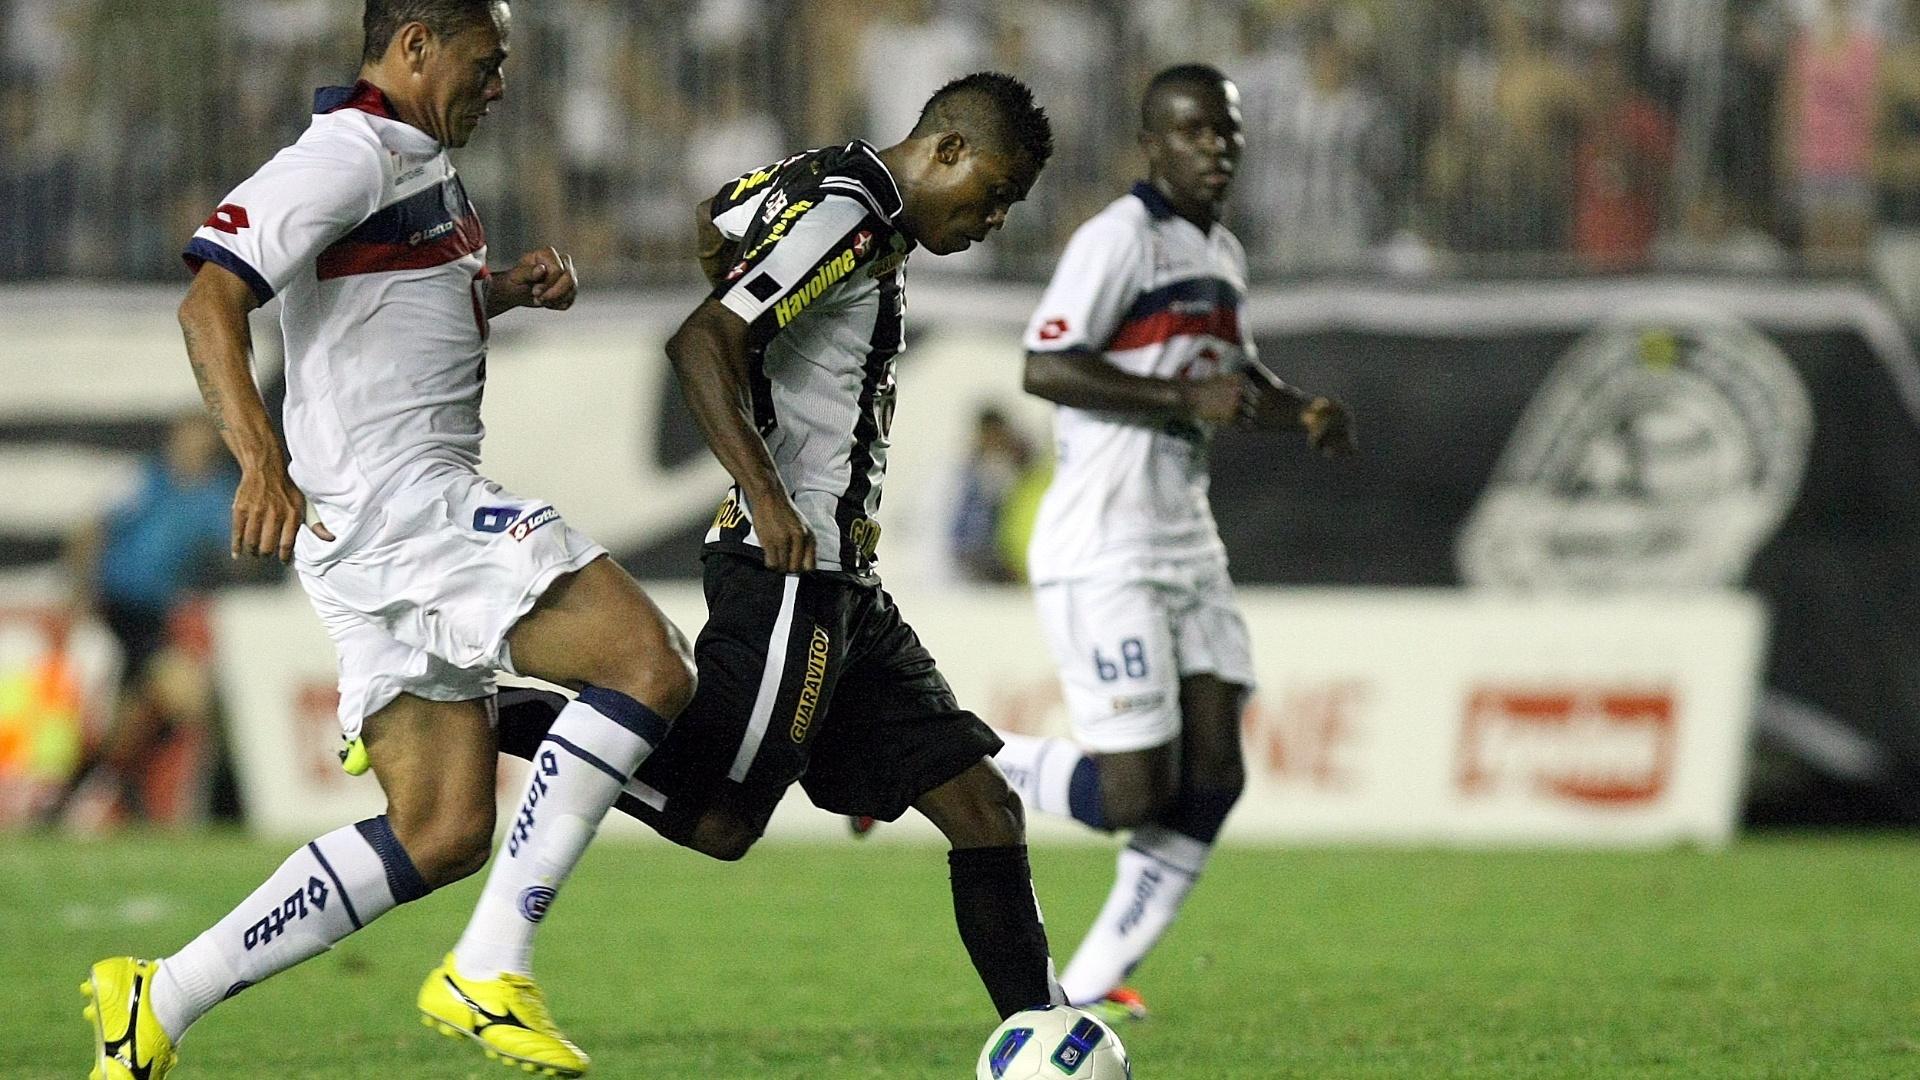 Maicosuel, do Botafogo, disputa lance durante partida contra o Bahia em São Januário